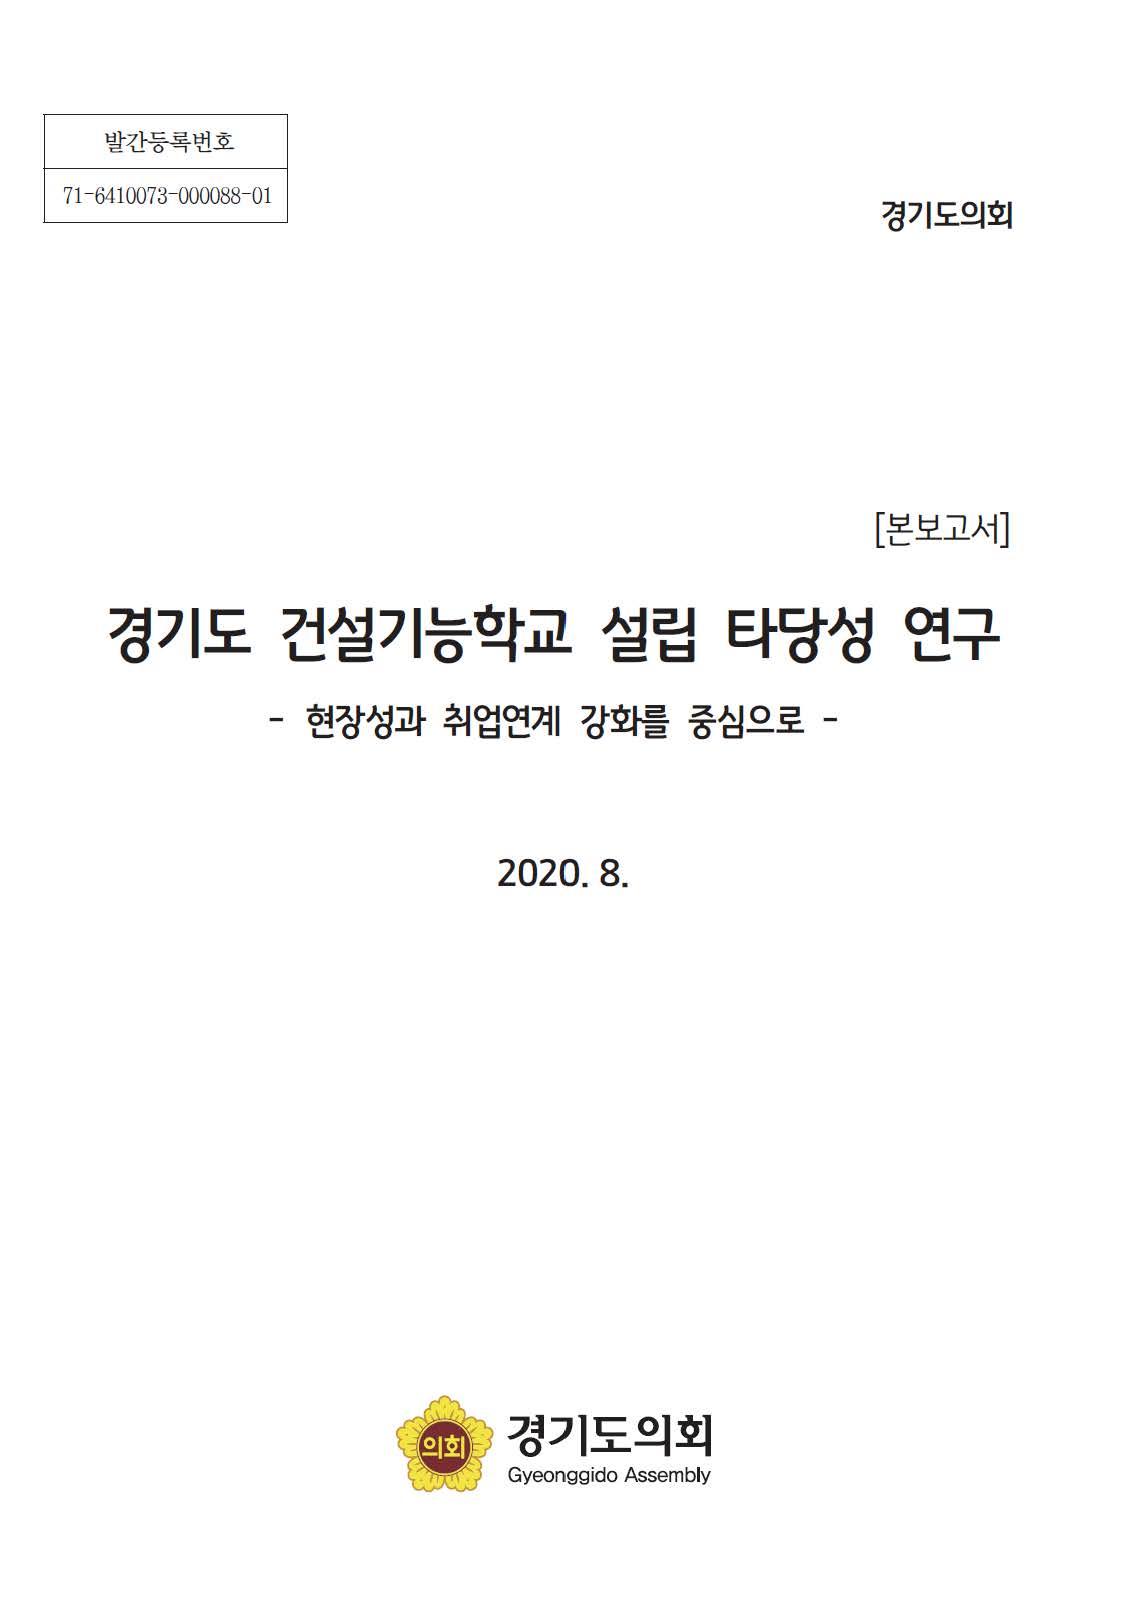 경기도 건설기능학교 설립 타당성 연구 : 현장성과 취업연계 강화를 중심으로